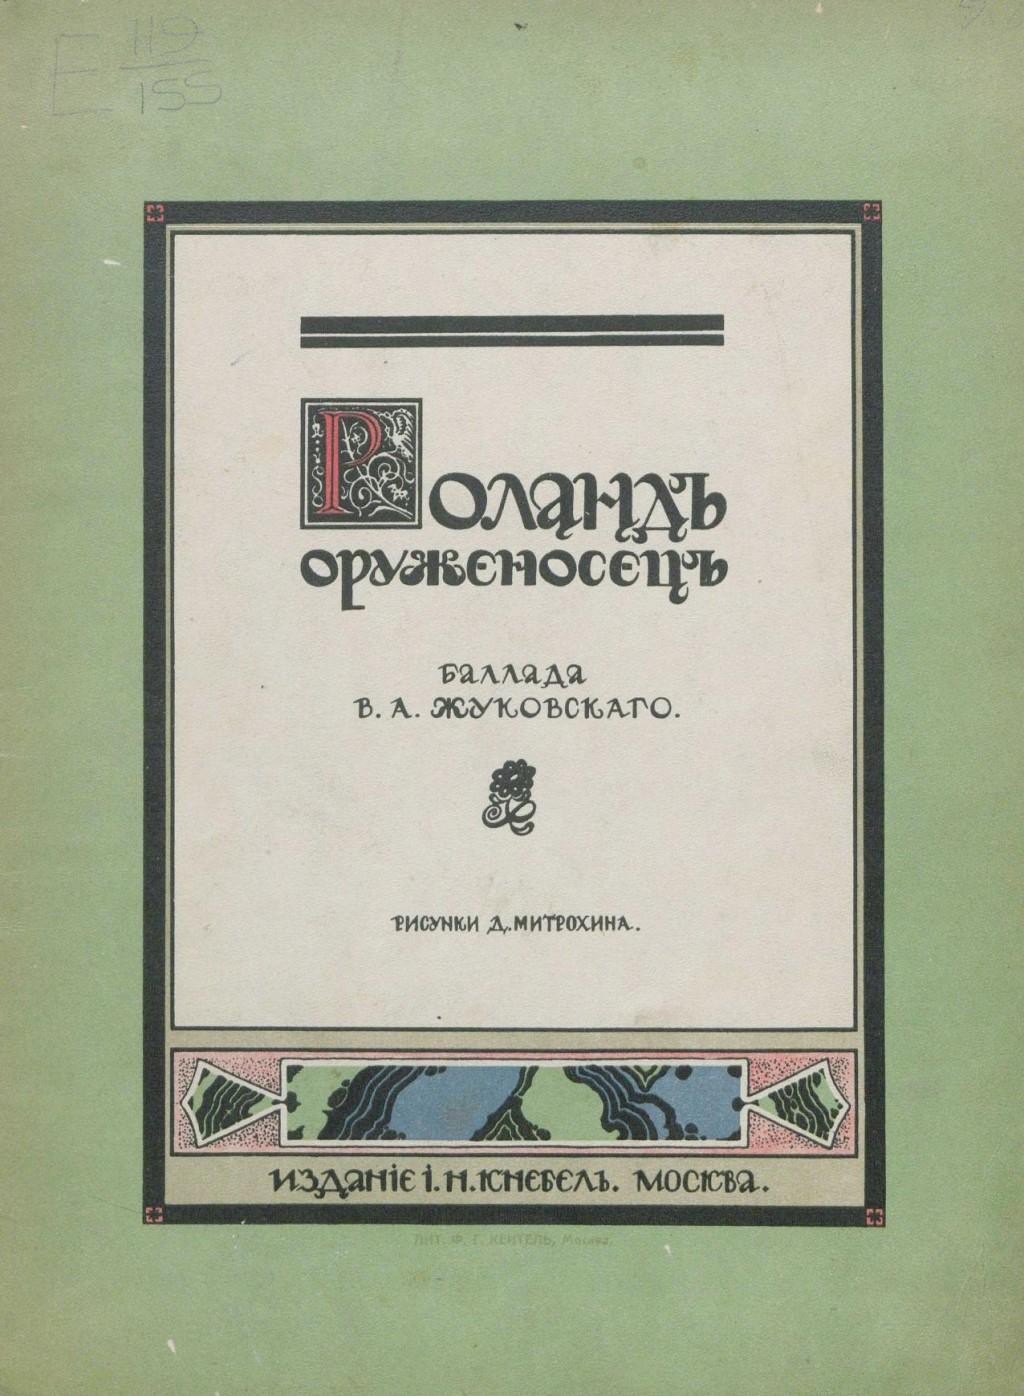 «Роланд оруженосец» Жуковский, Василий Андреевич (1783-1852). Москва, издание И. Кнебель, 1913